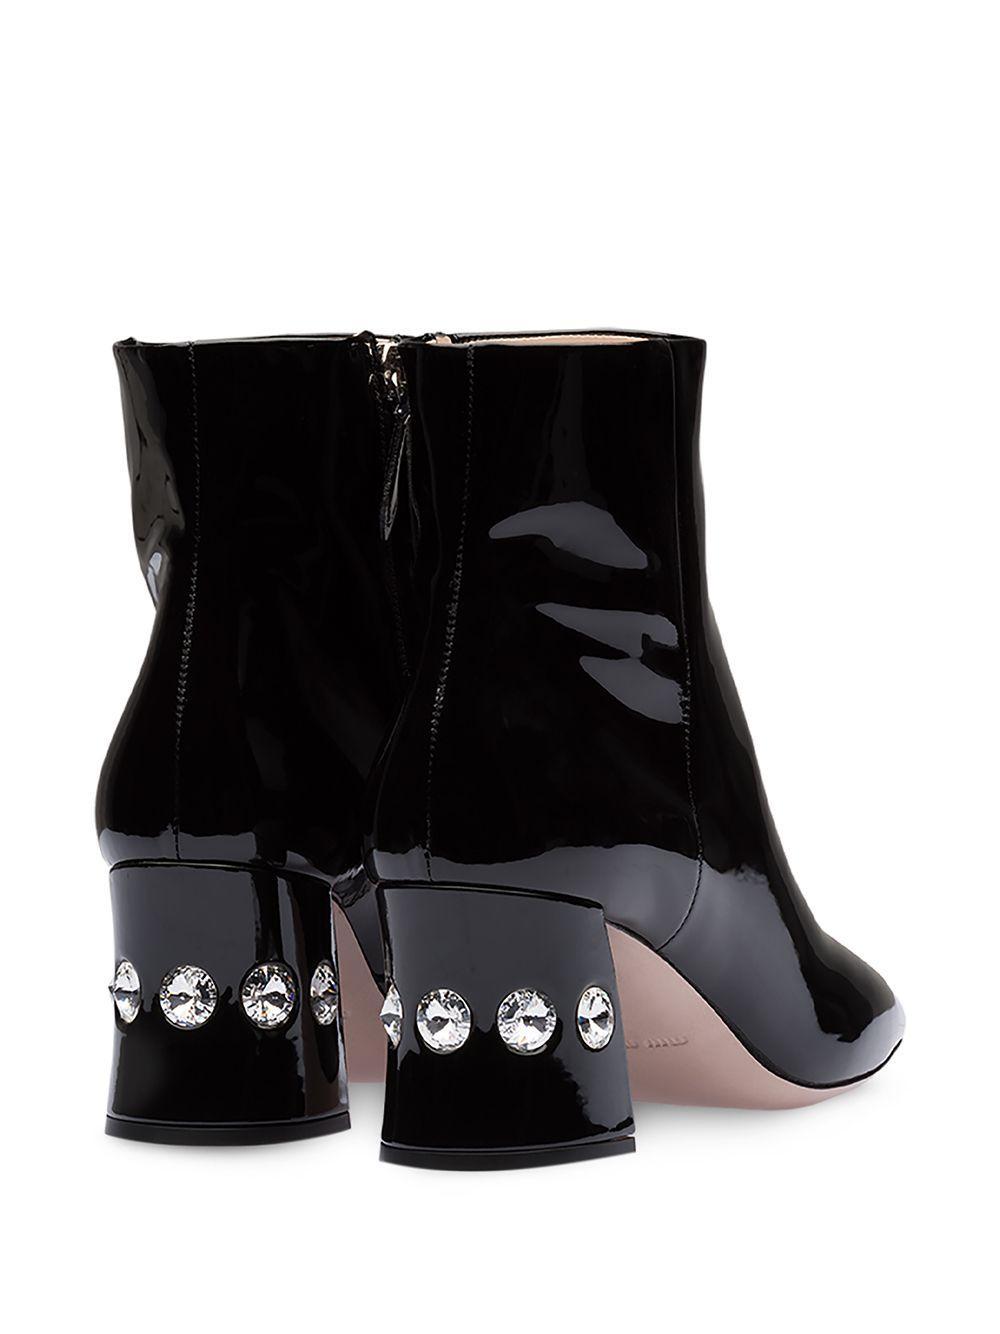 Botines con tacón con cristales Miu Miu de Cuero de color Negro